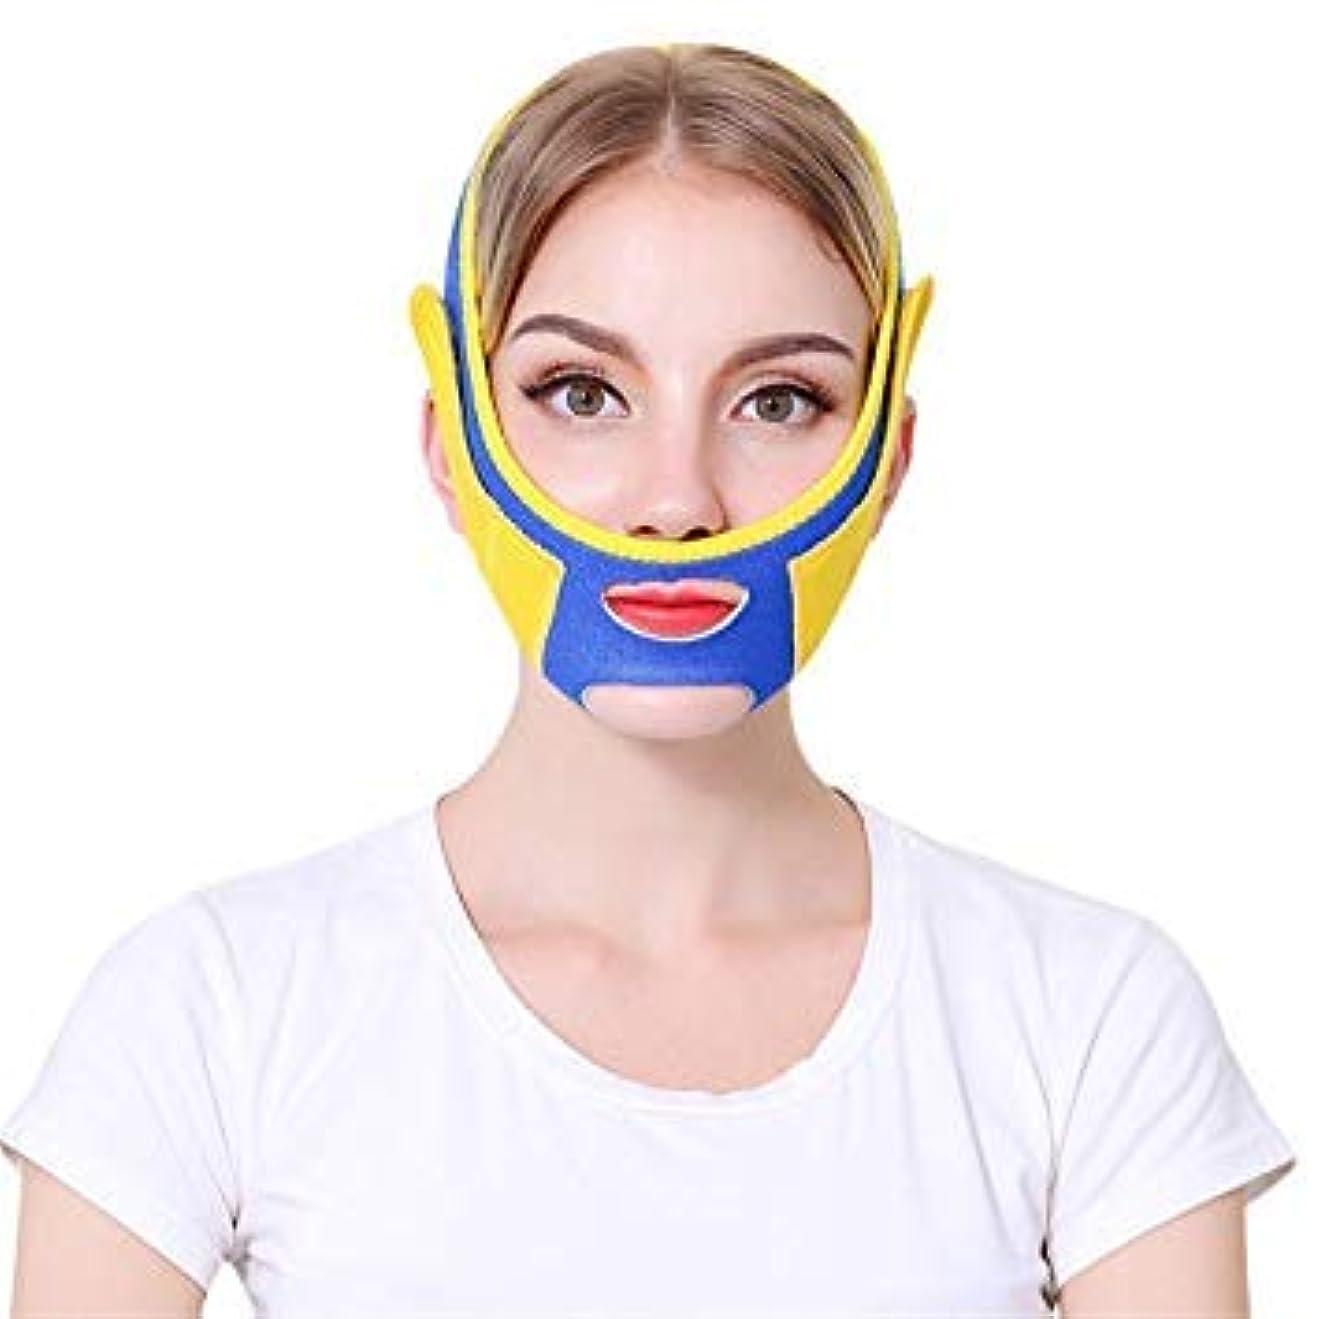 並外れてポンド疾患顔のリフティングスリムウエストバンド、頬のV字型リフティング薄型マスク、滑らかで通気性のあるコンプレッションダブルあご付きで包帯を減らし、フェイスリフト/スリミング/スリープフェイス/マスクで体重を減らします (blue)